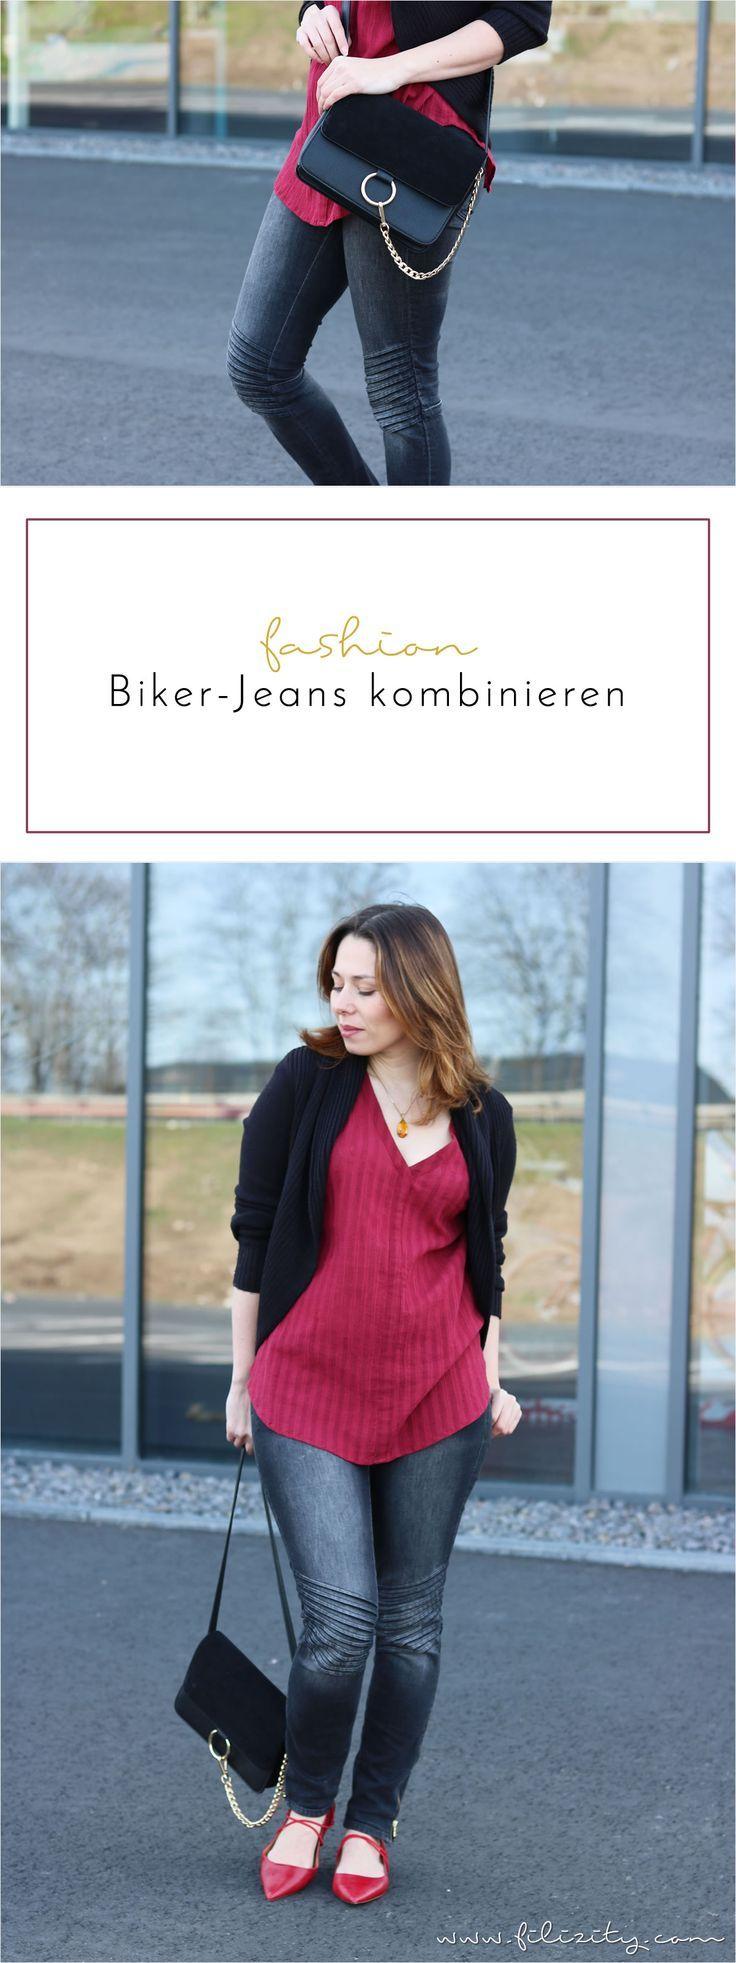 Biker Jeans kombinieren So stylt ihr die Trend Hose